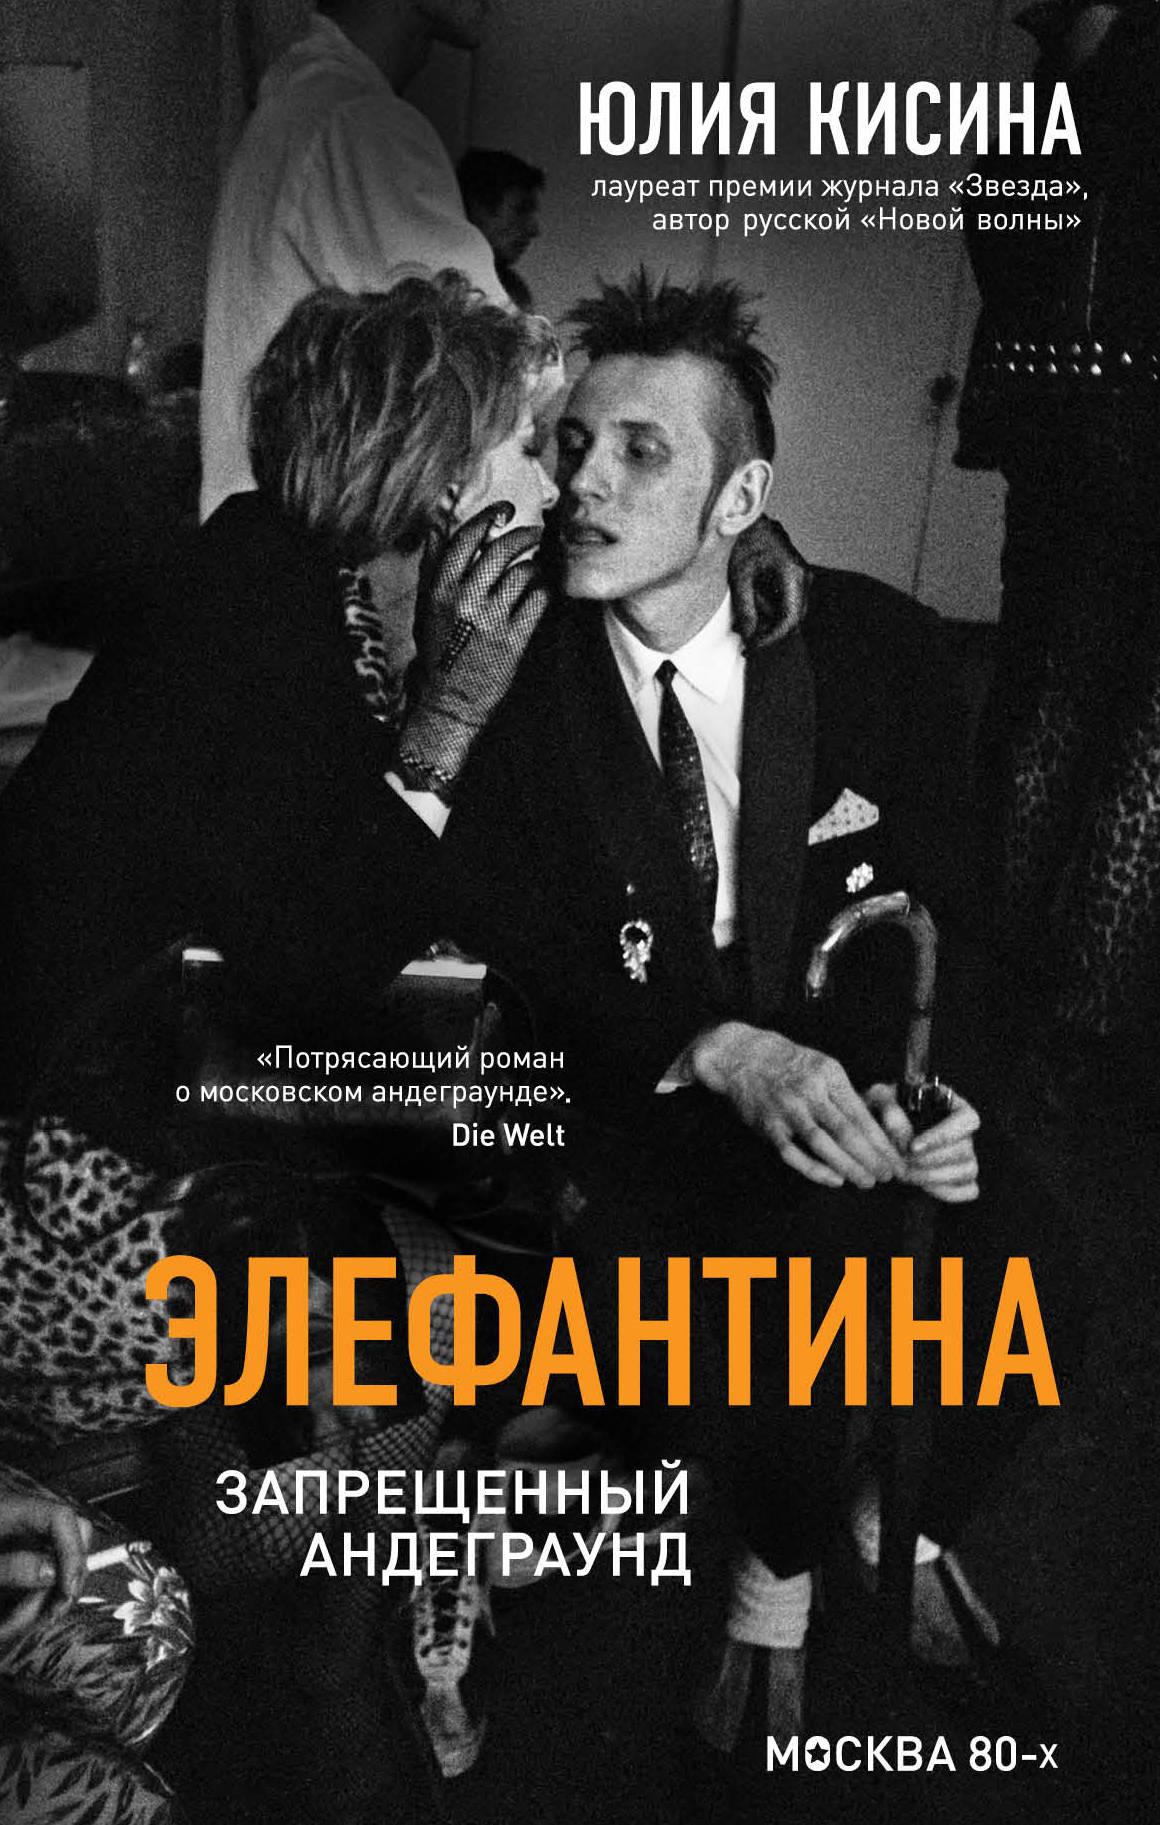 Кисина Юлия Элефантина. Запрещенный андеграунд